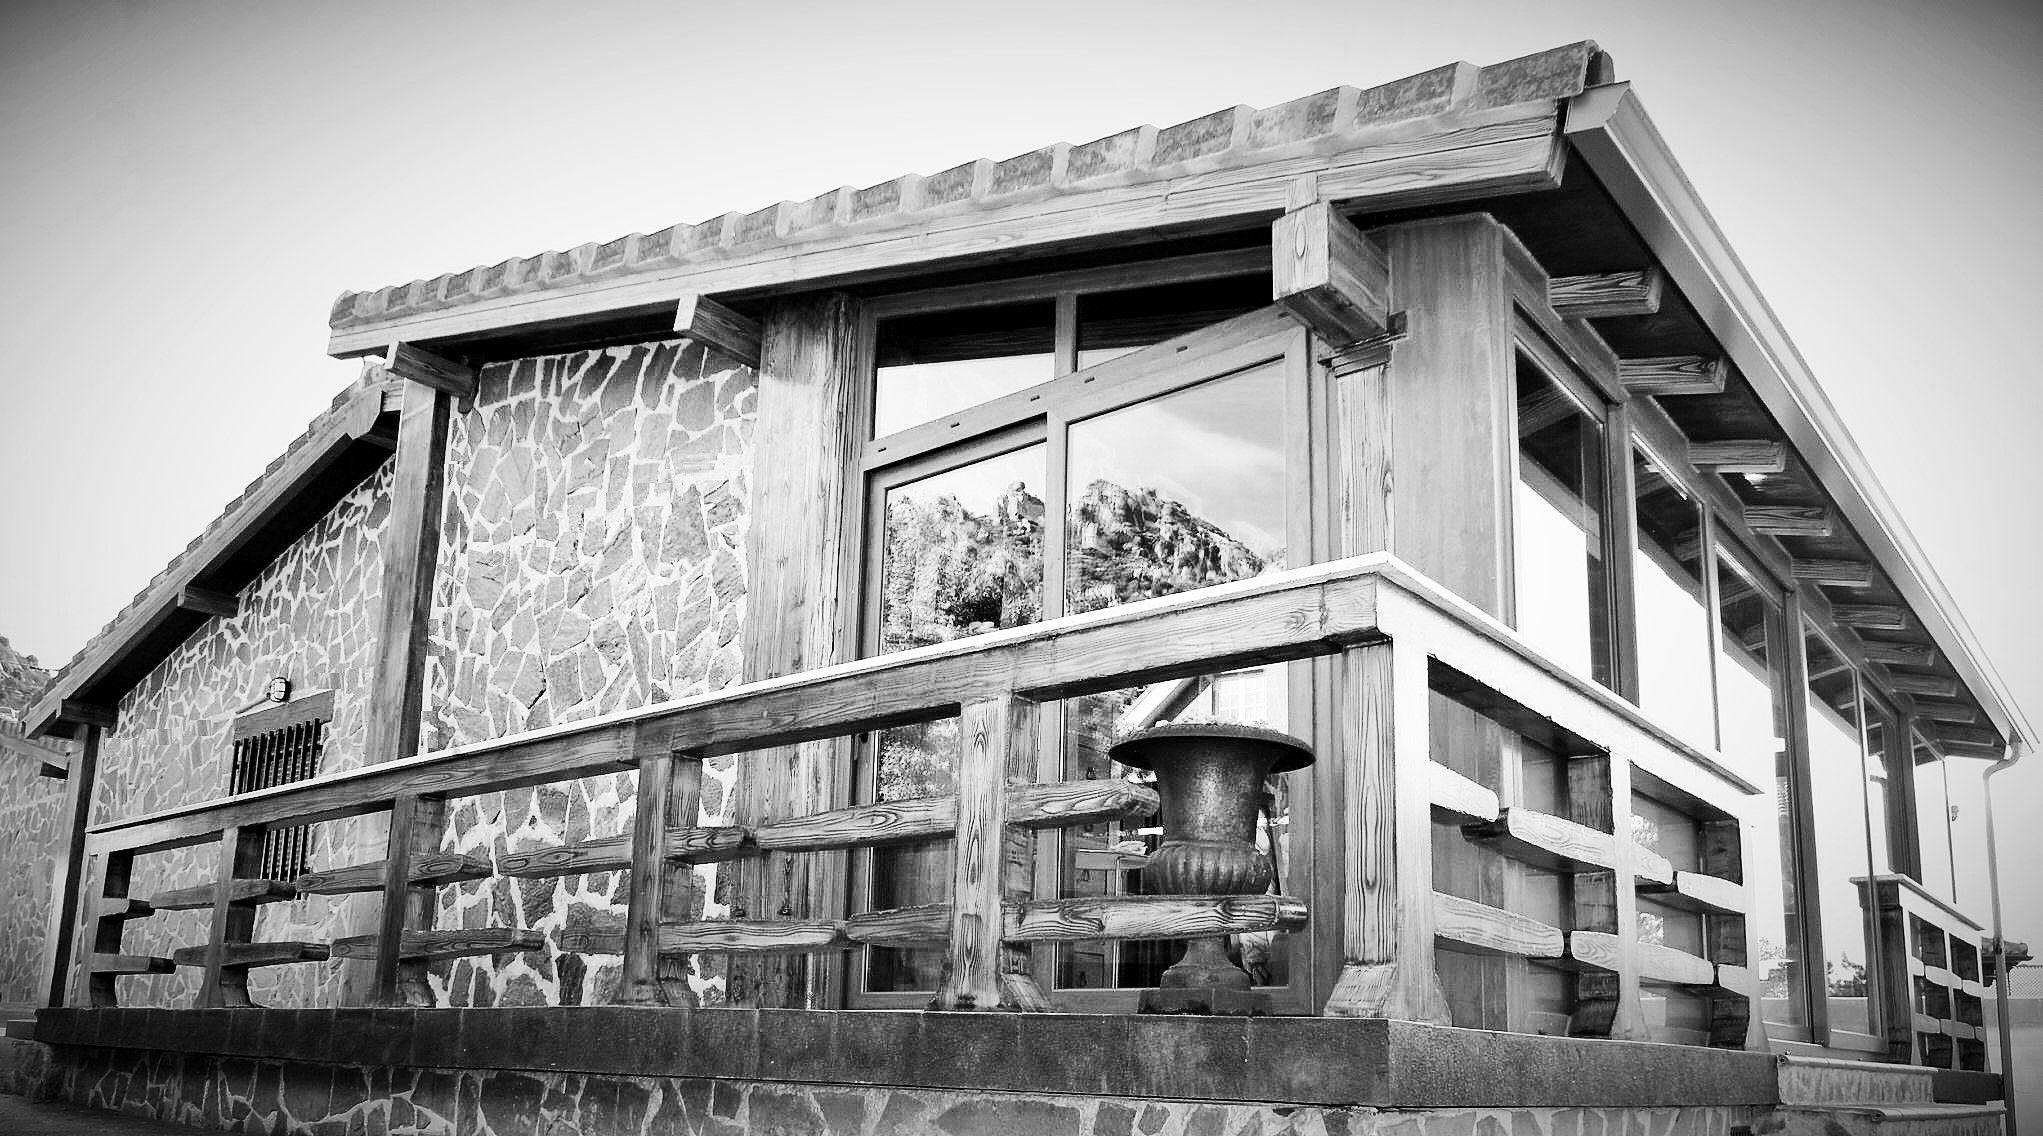 Casa prefabricada en byn casas de acero y hormigon casas - Acero casas prefabricadas ...